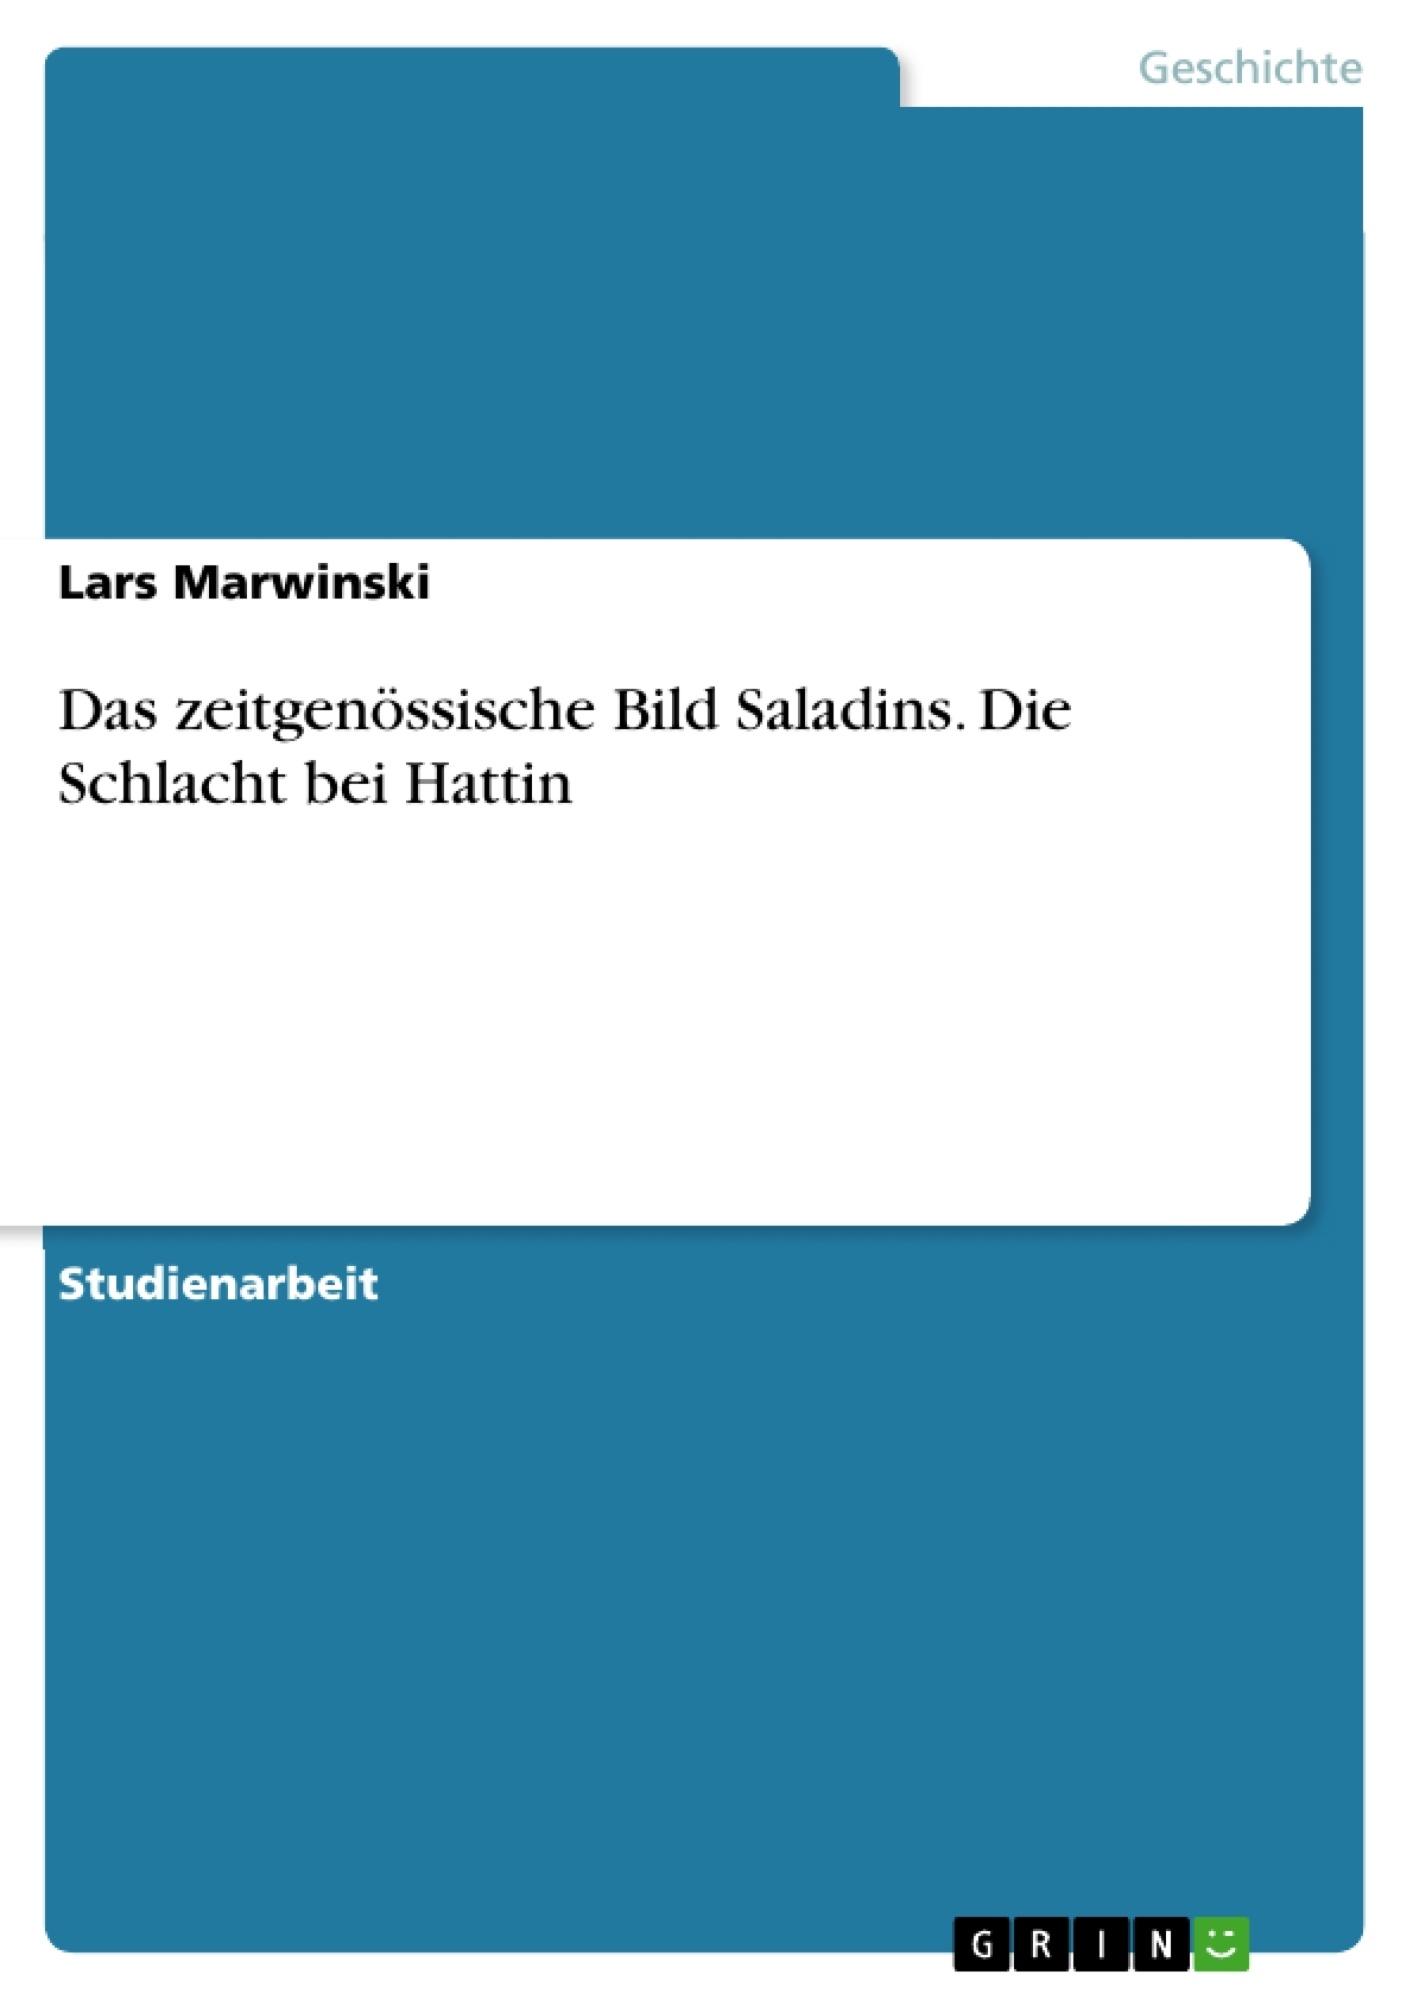 Titel: Das zeitgenössische Bild Saladins. Die Schlacht bei Hattin